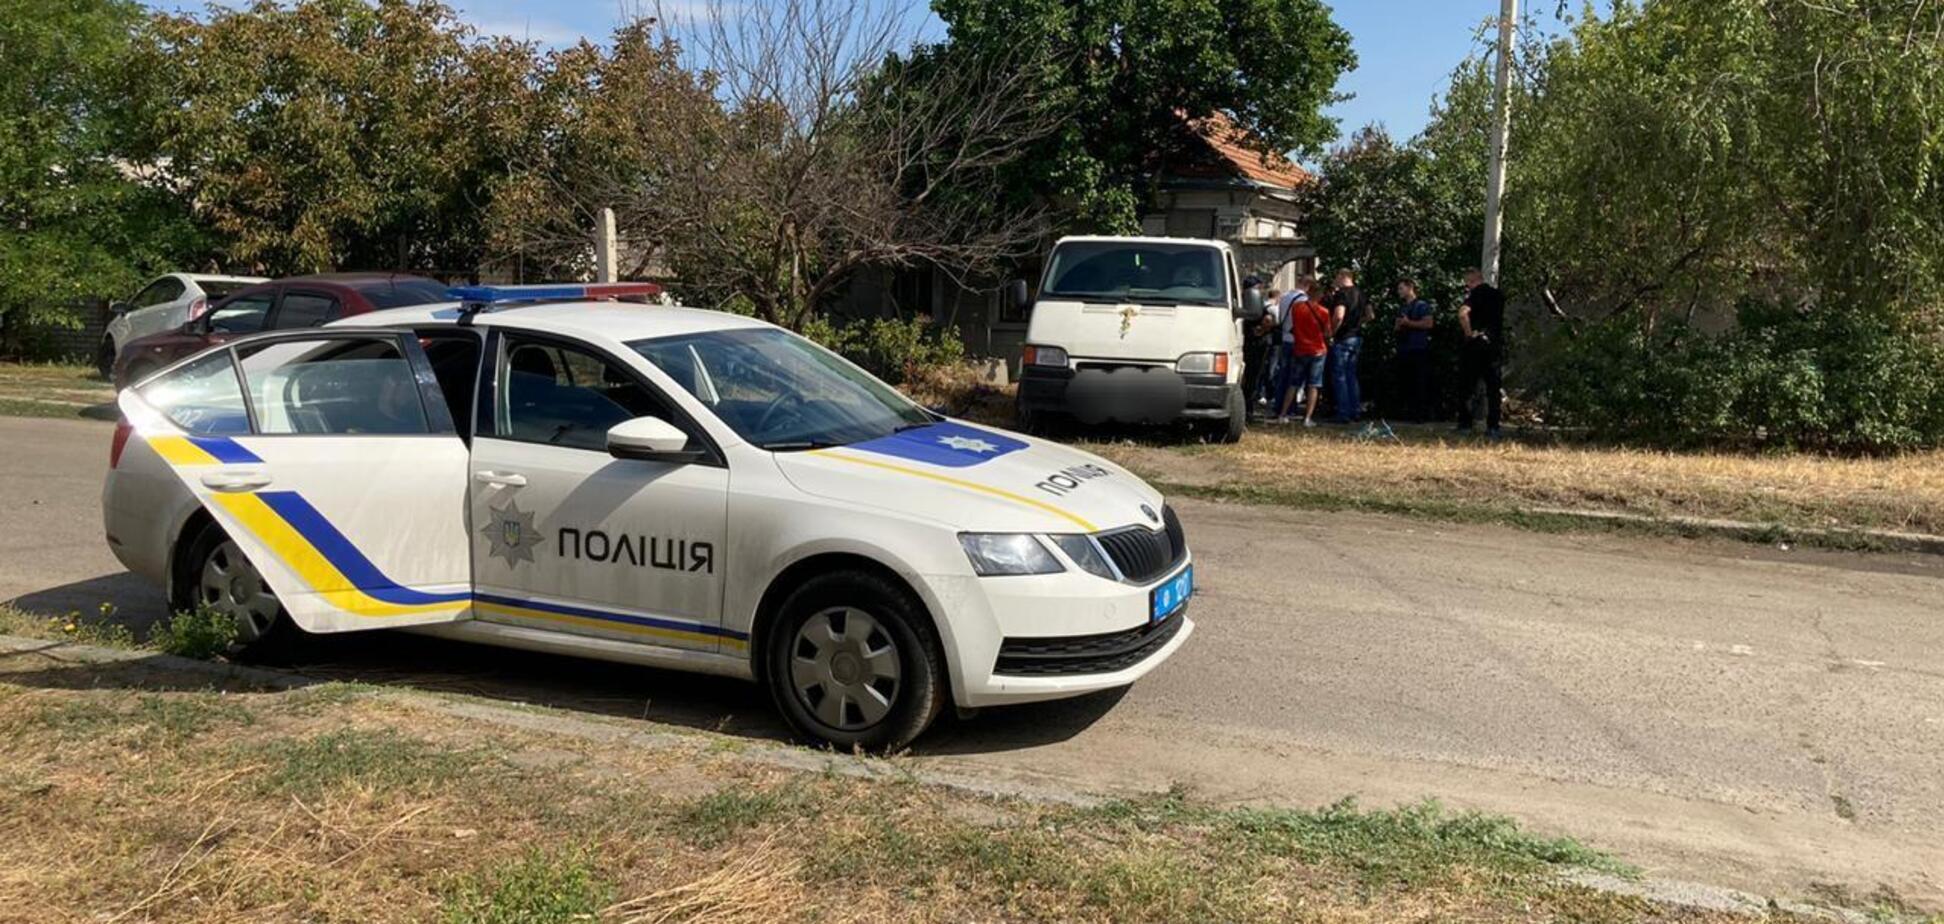 В Николаеве возле реки нашли тело мужчины, а в его доме обнаружили еще один труп